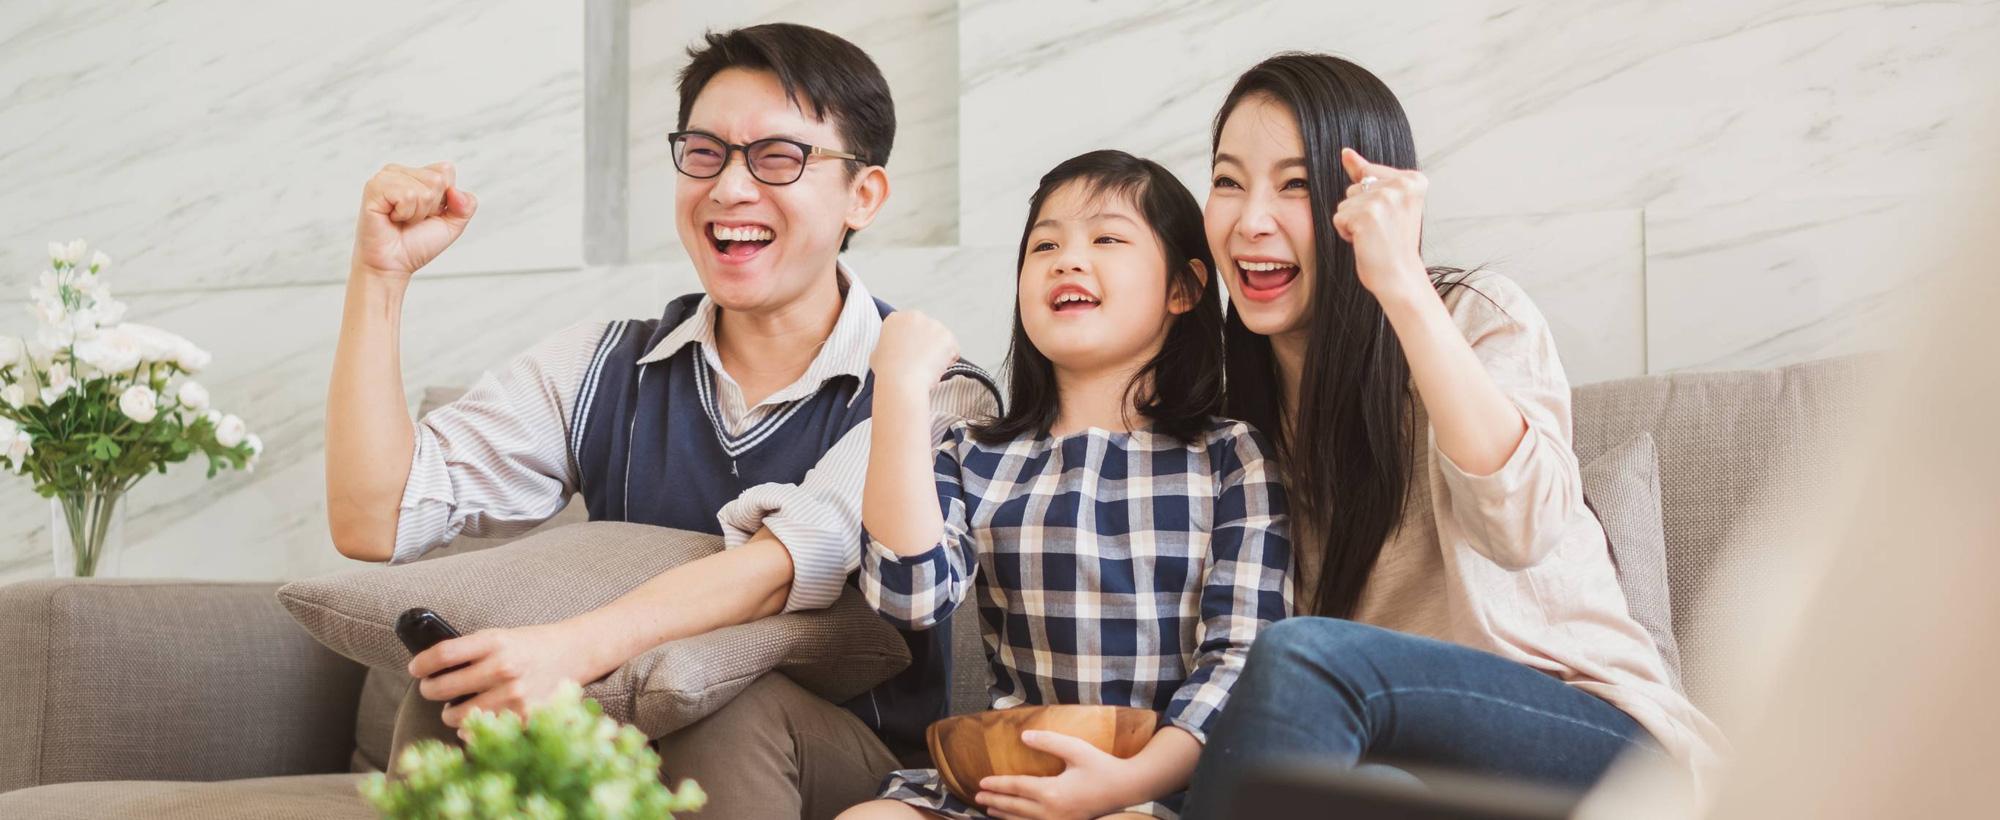 Ngày của Cha nên làm gì để gắn kết tình cảm cha con? - Ảnh 3.